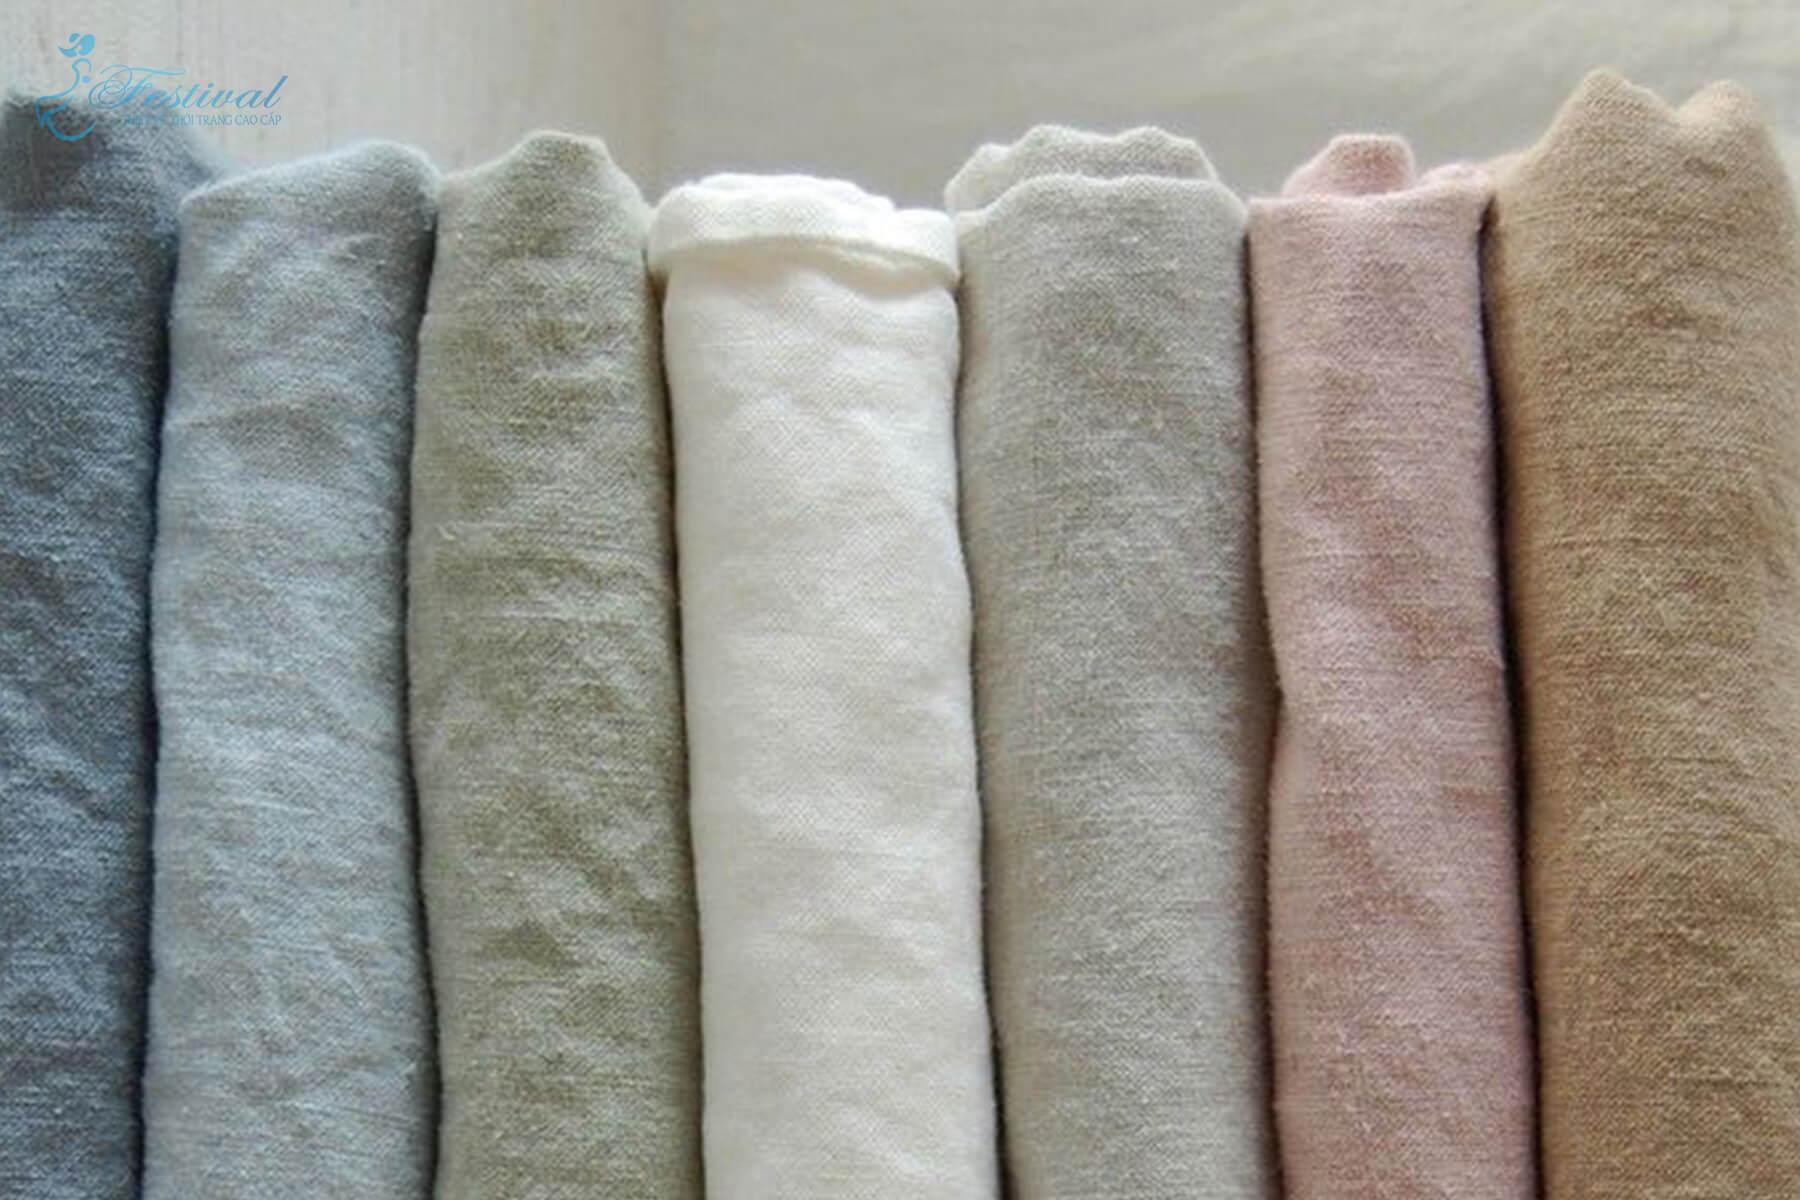 Đặc điểm vải lanh - Vải lanh là gì? Sự lựa chọn hợp lý nhất cho mùa hè